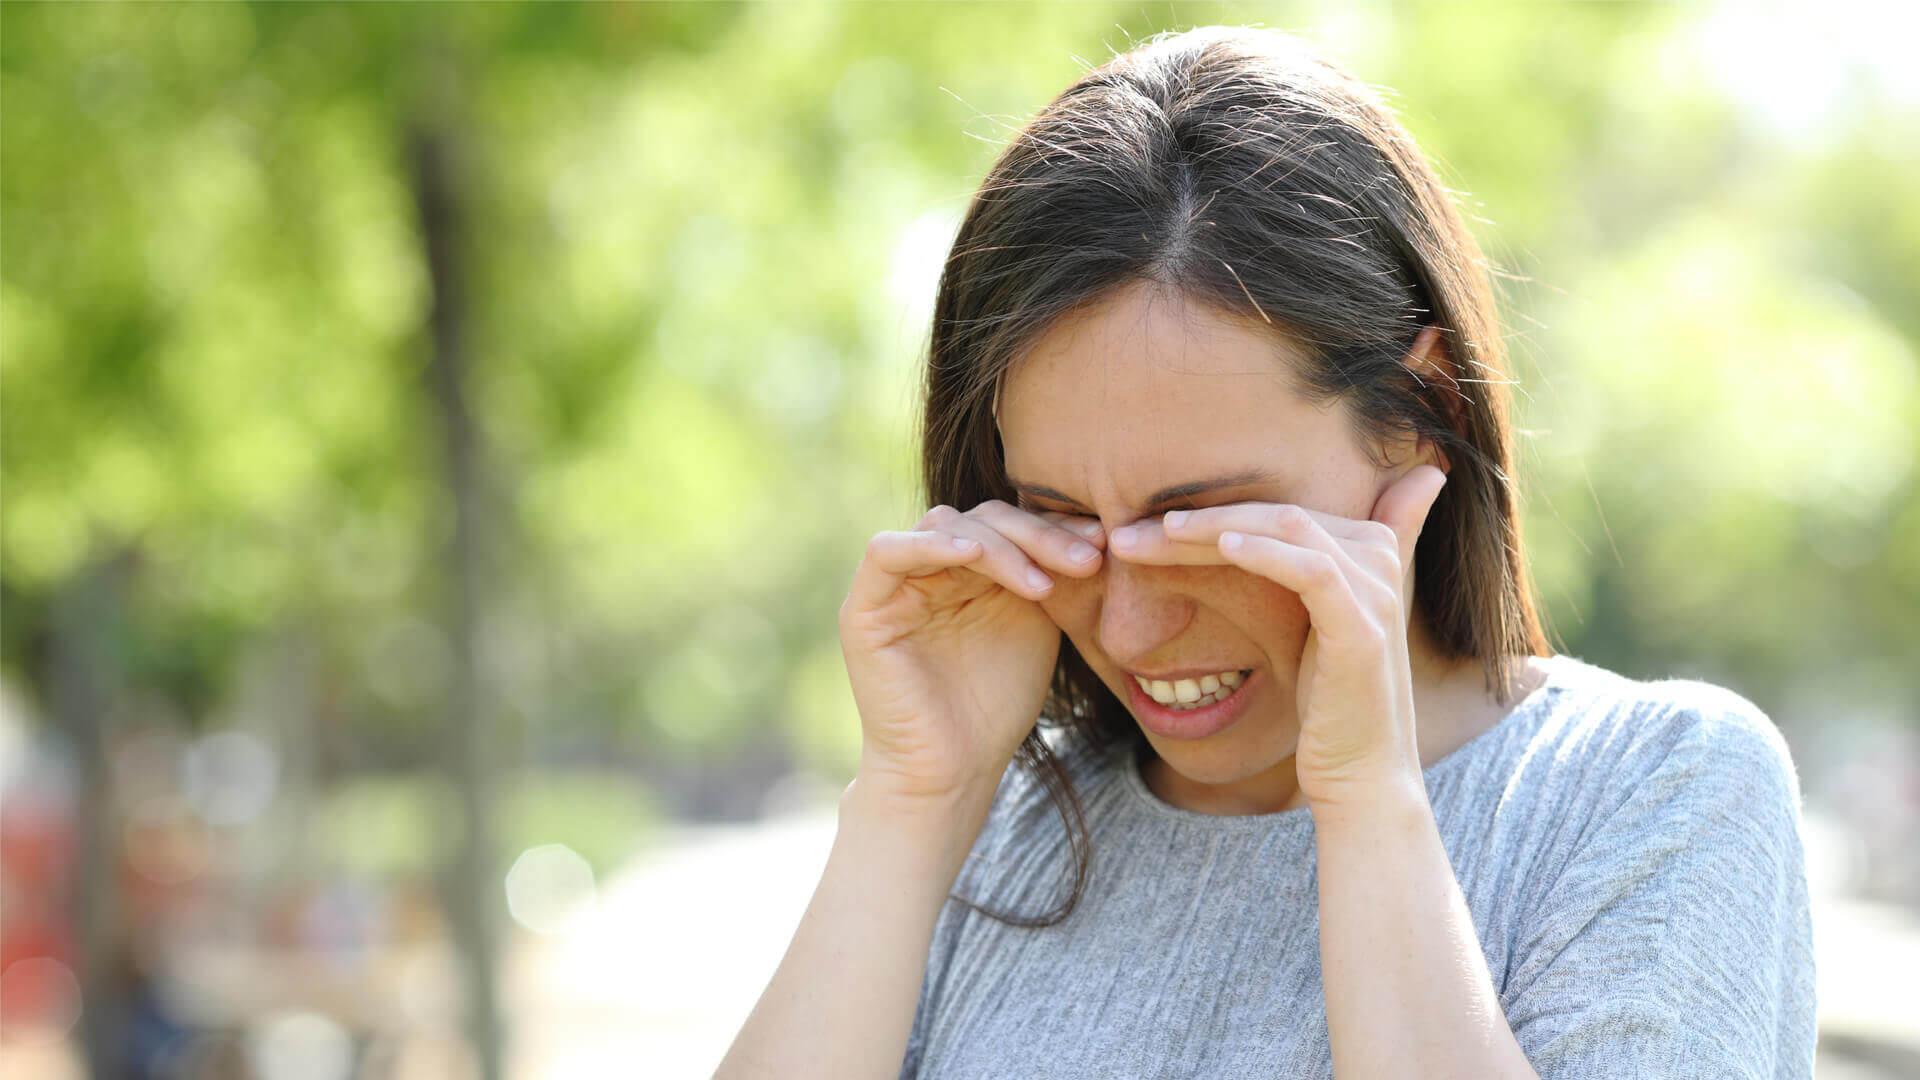 Allergie-Symptome: Mehr als nur Heuschnupfen